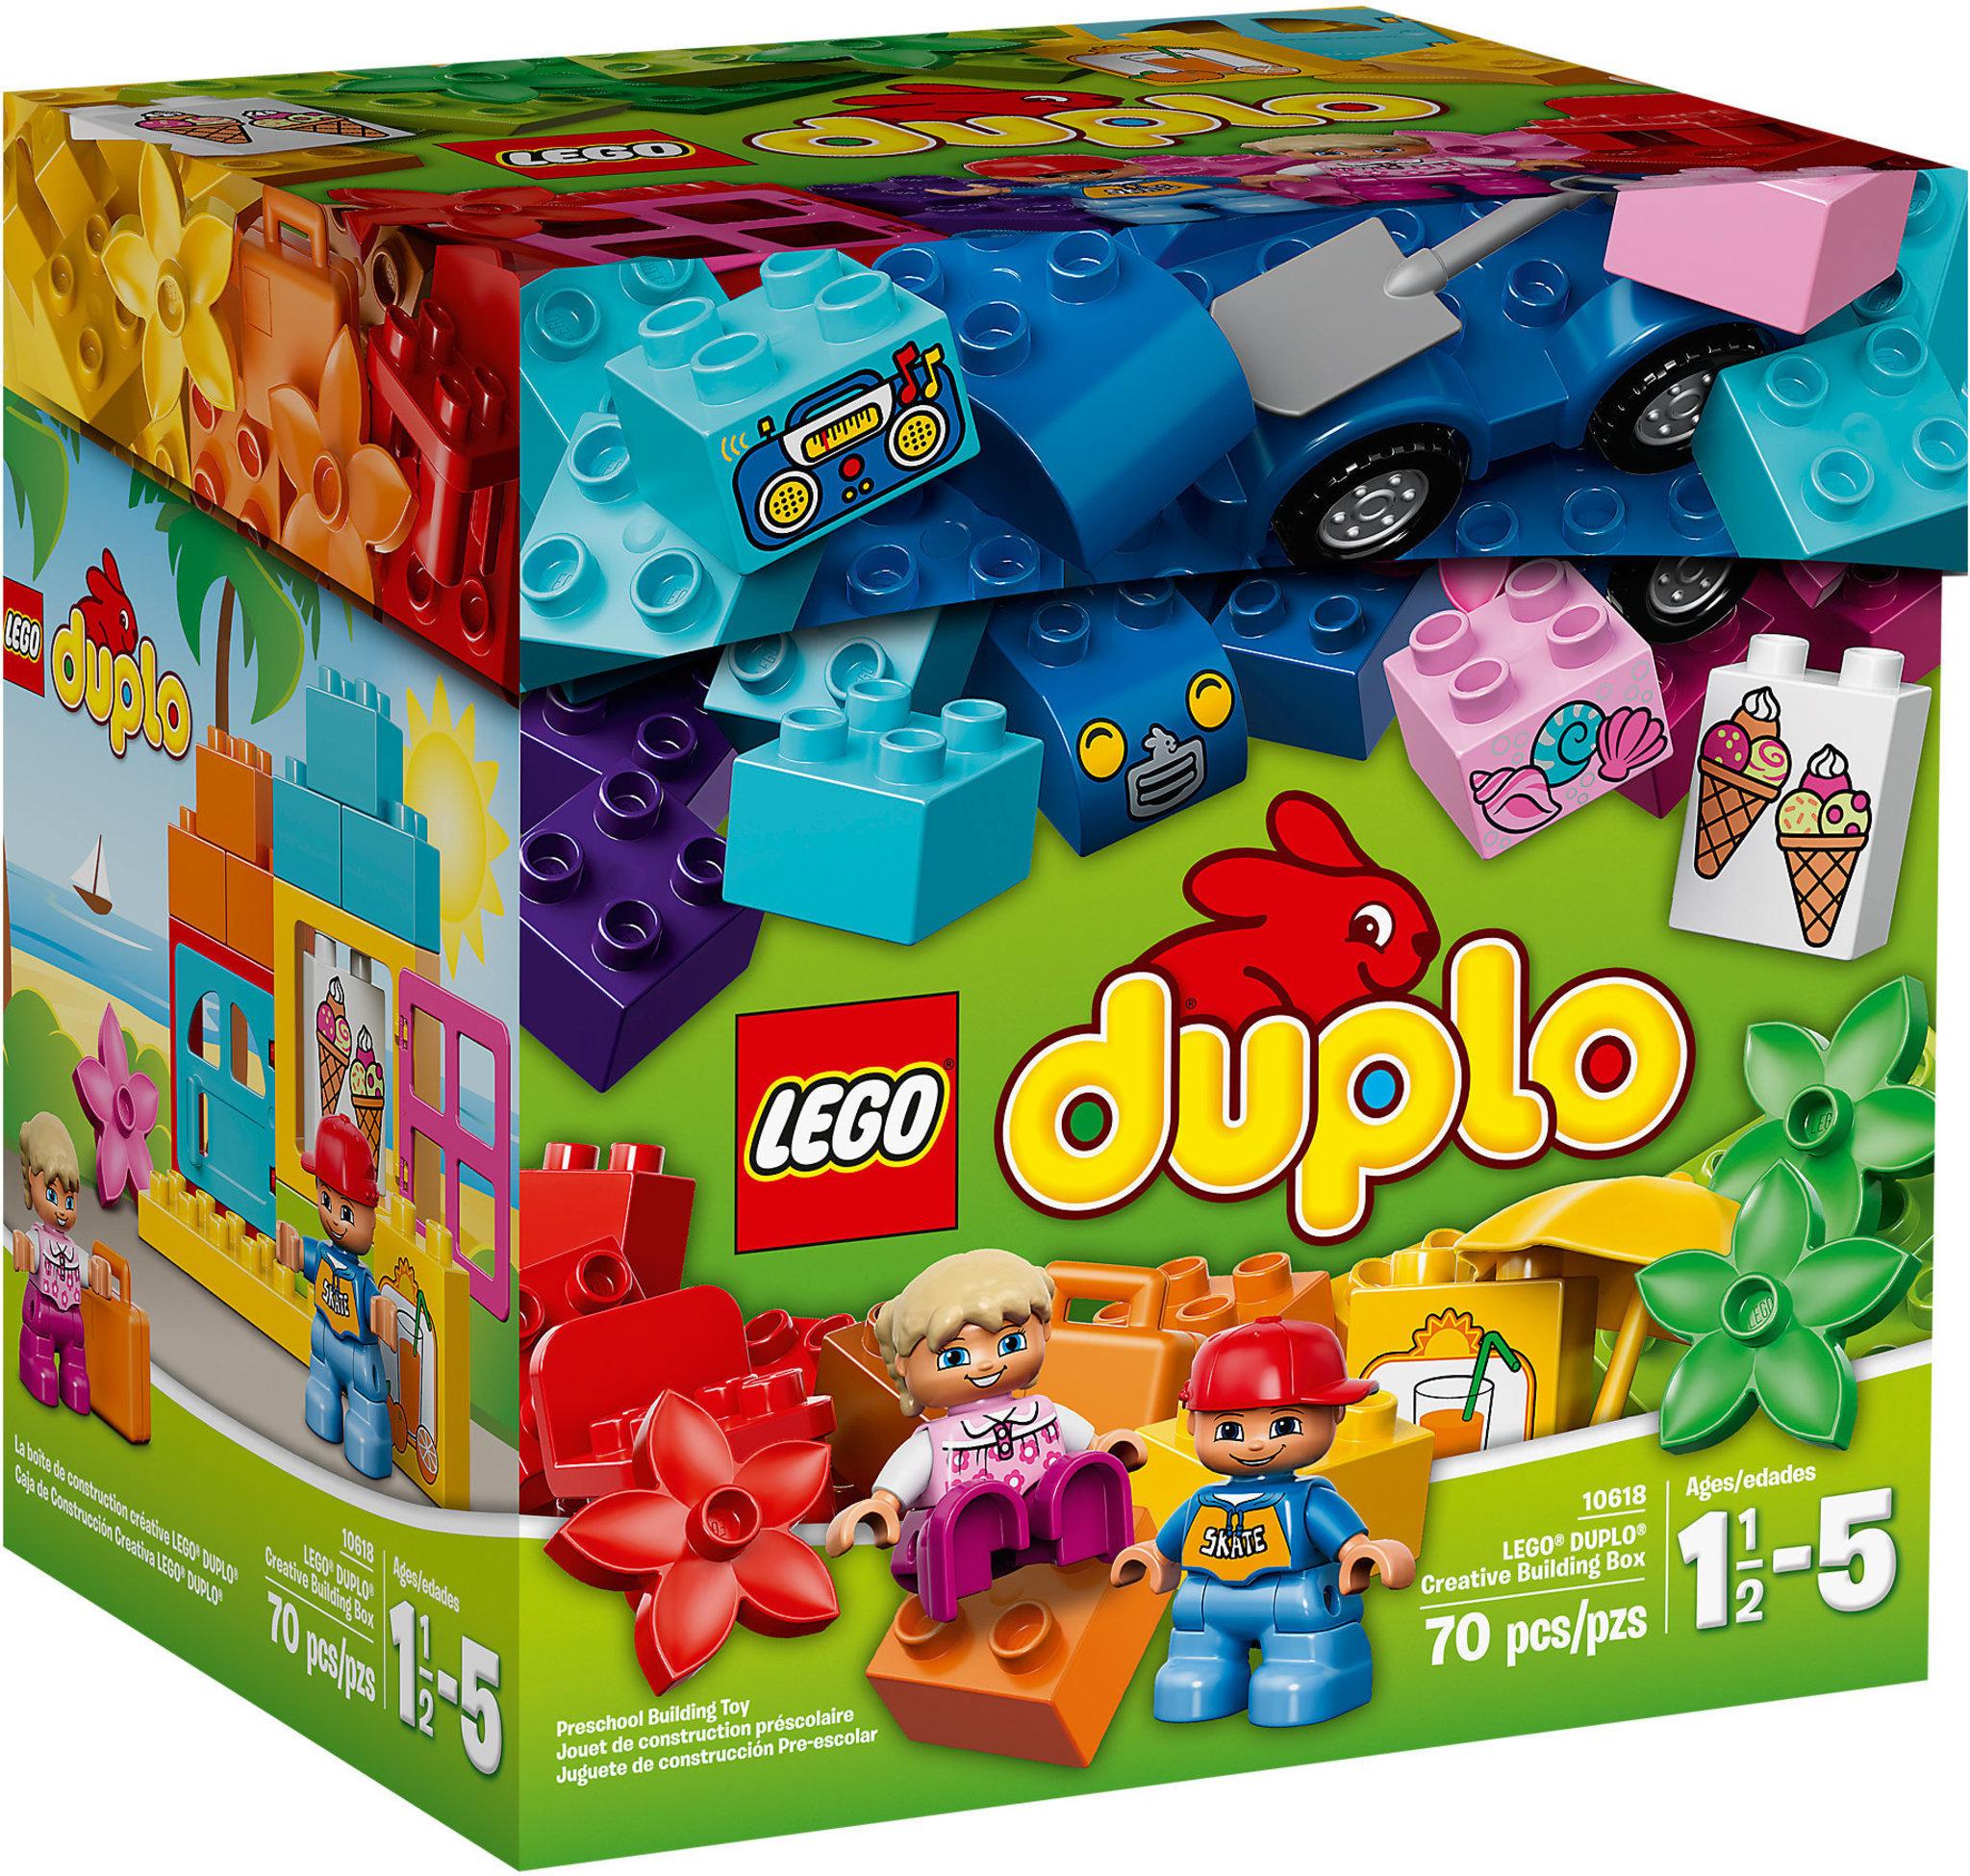 Lego Duplo 10618 Creative Building Box Mattonito